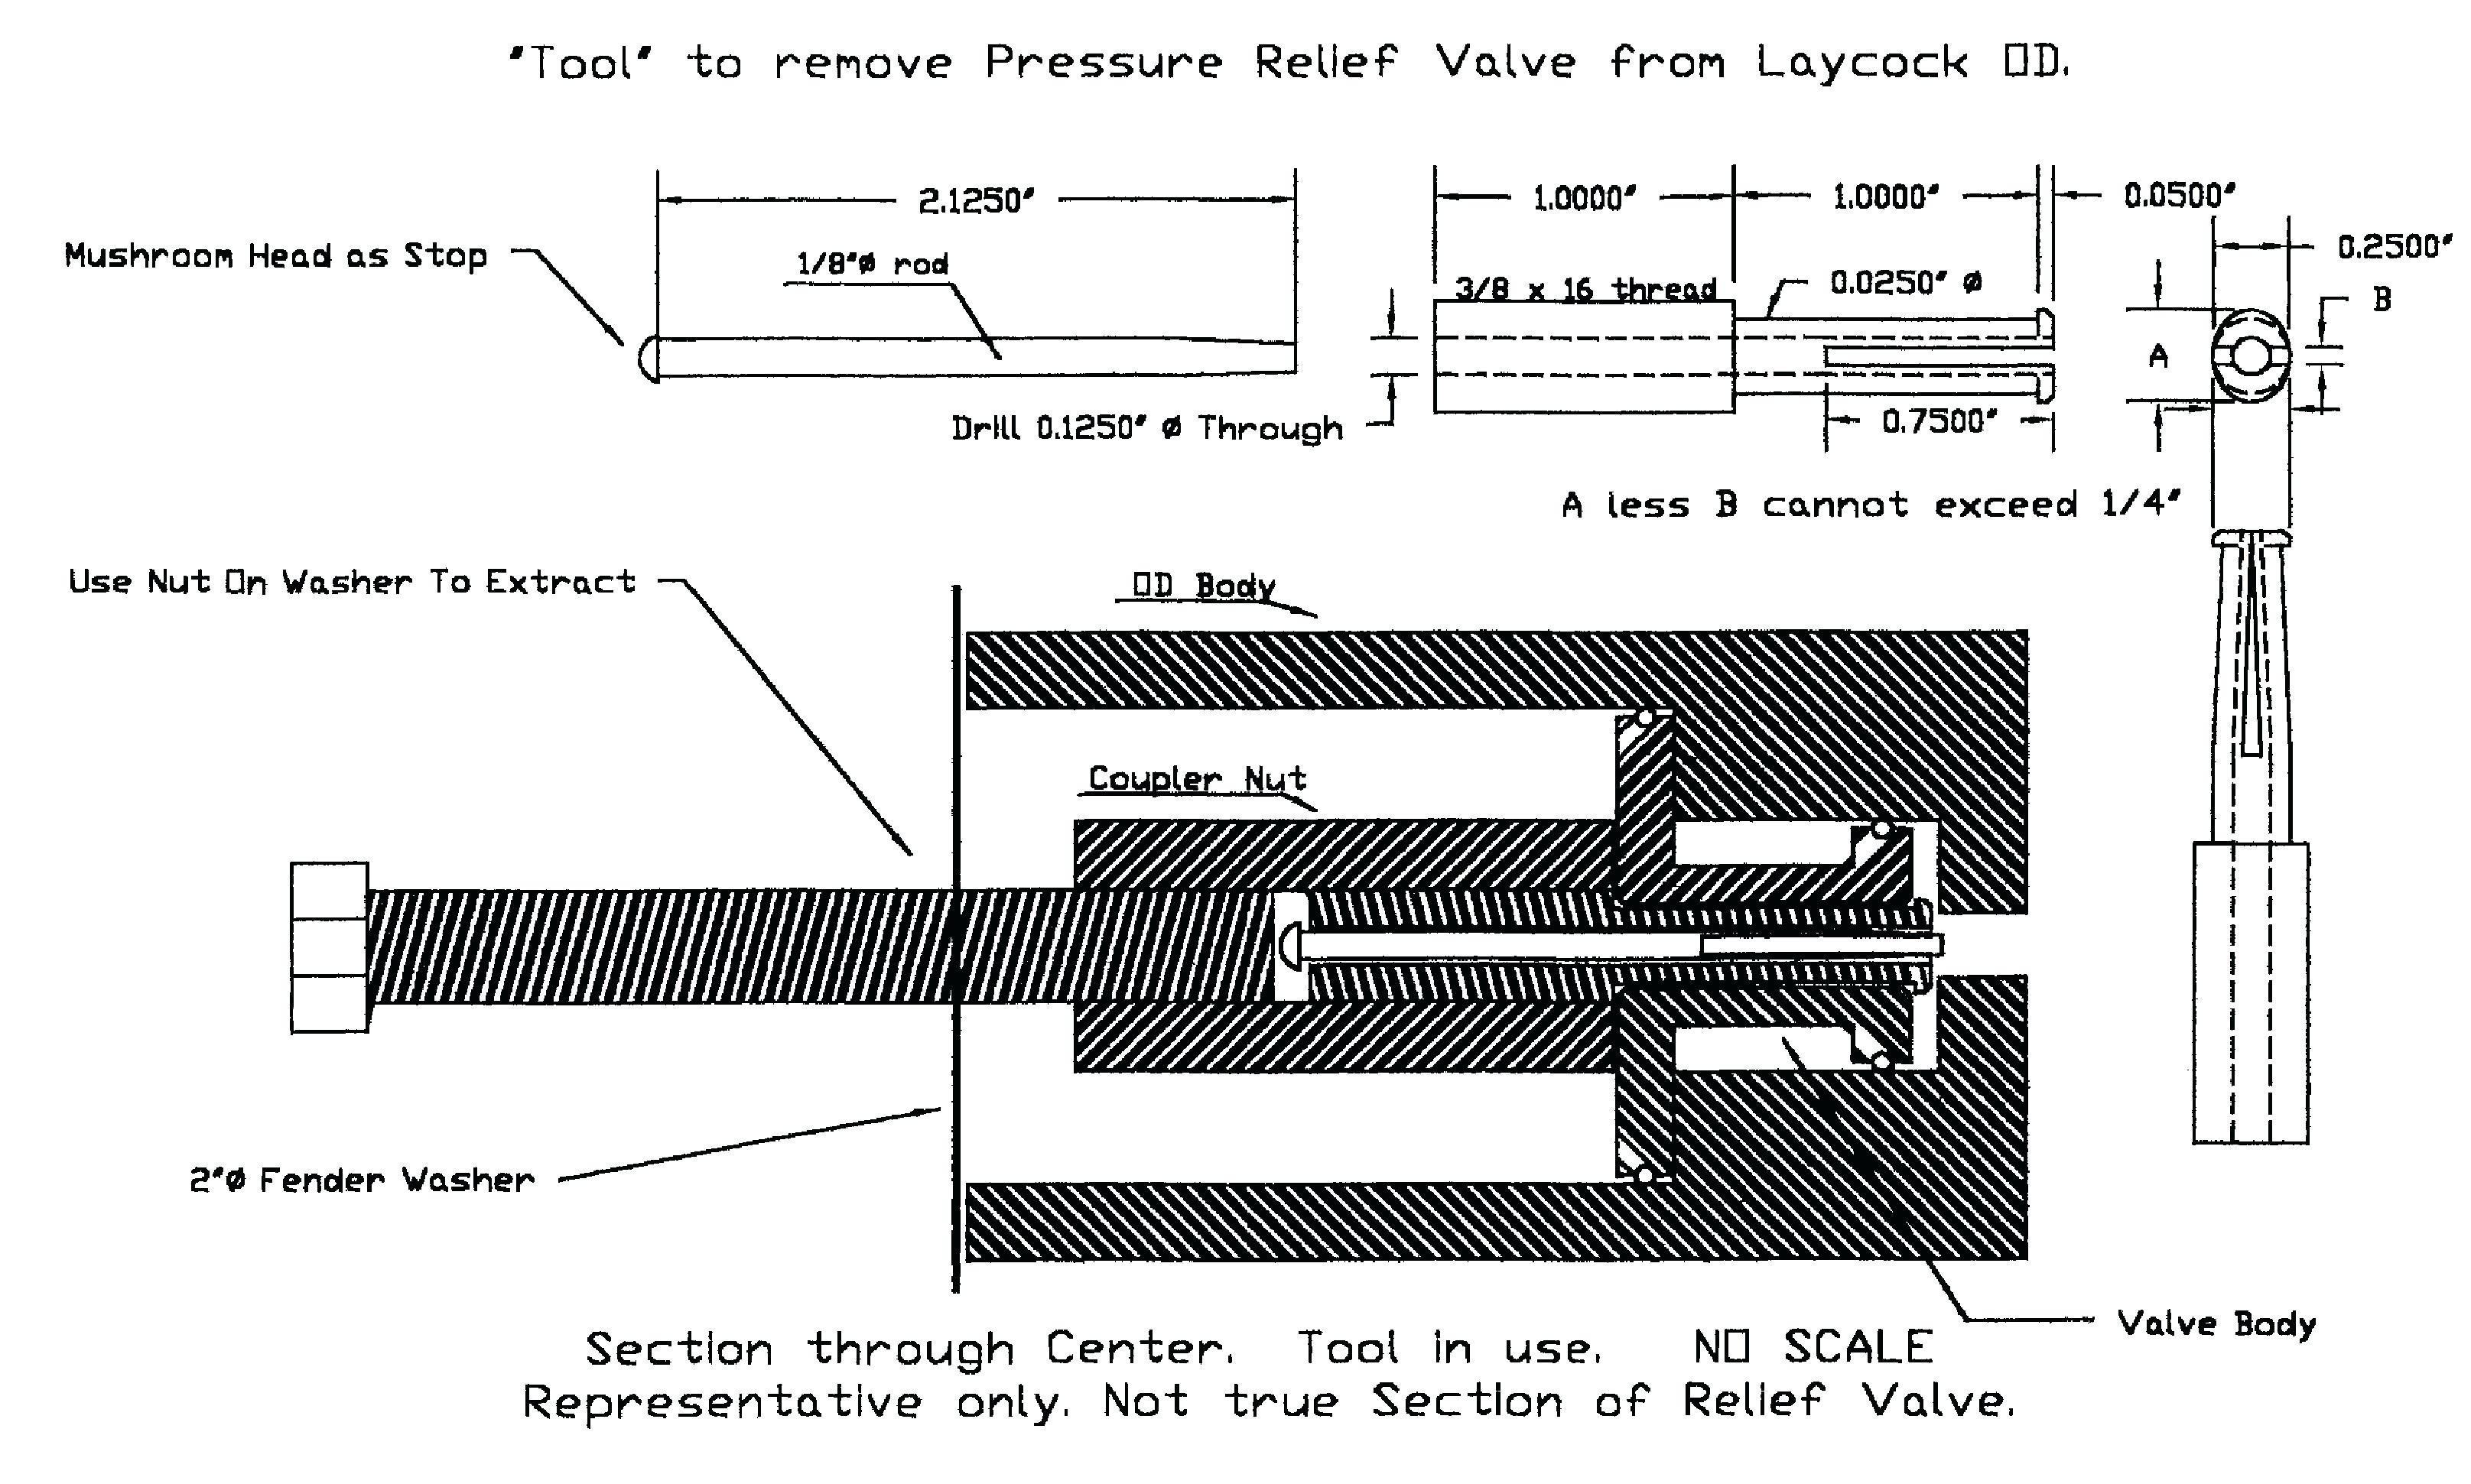 120v Washer Wire Diagram Schematic Diagram 120v Washer Wire Diagram